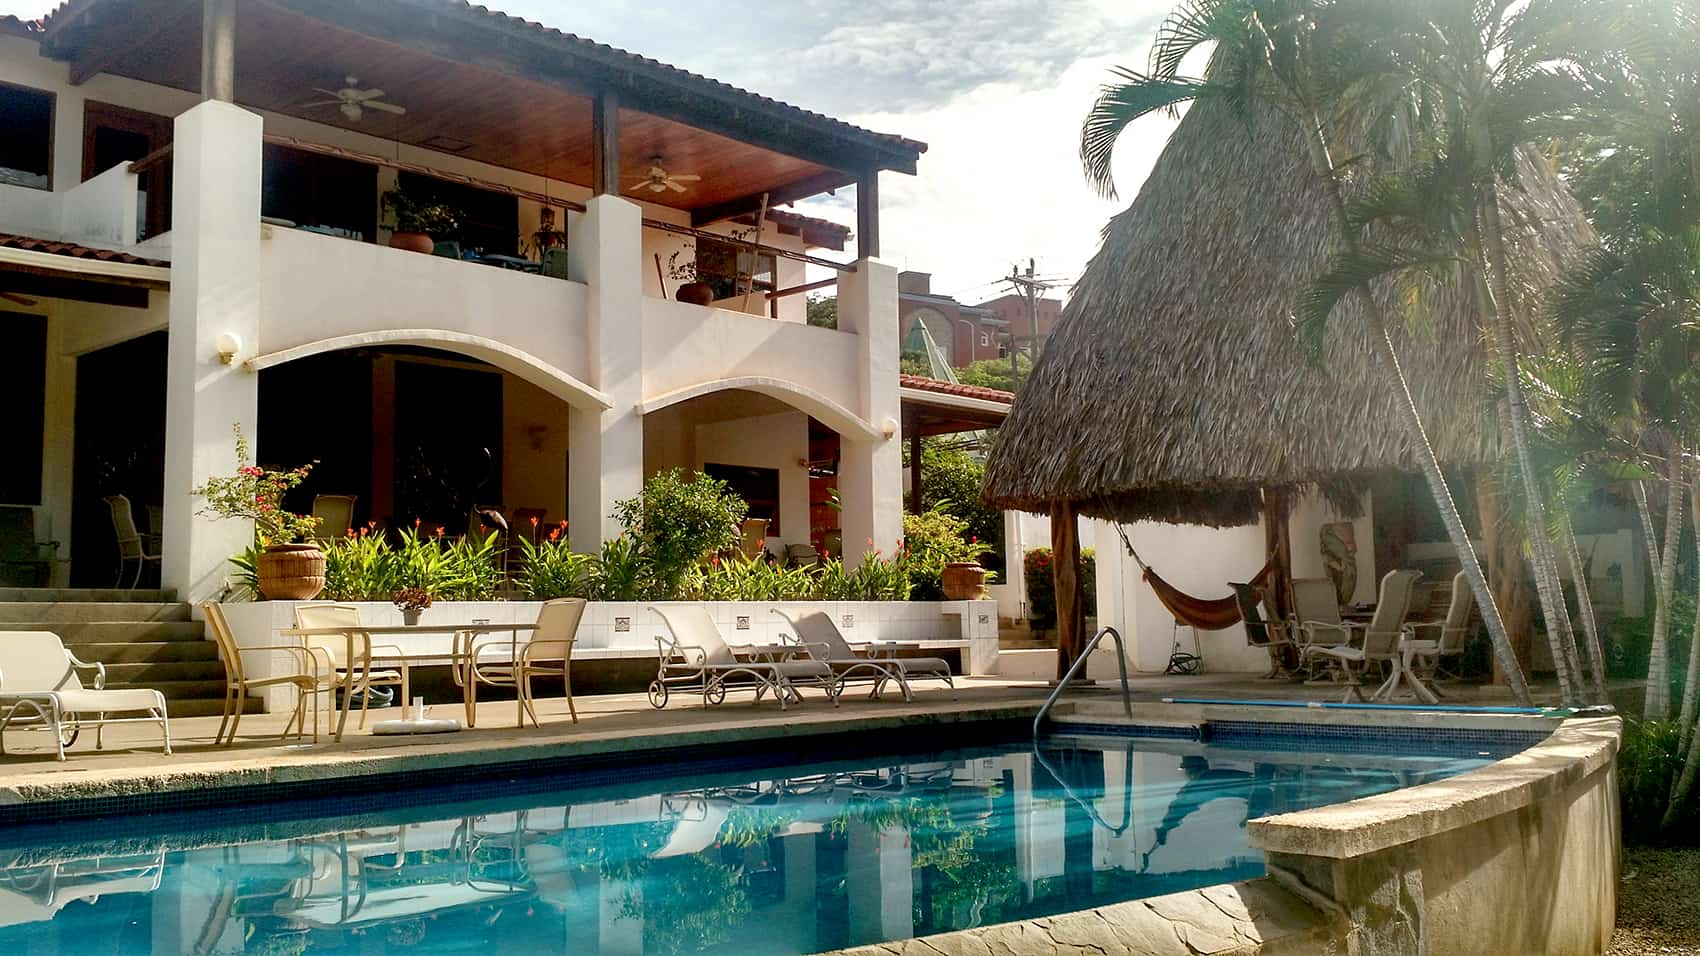 Tamarindo crime: Villa Alegre